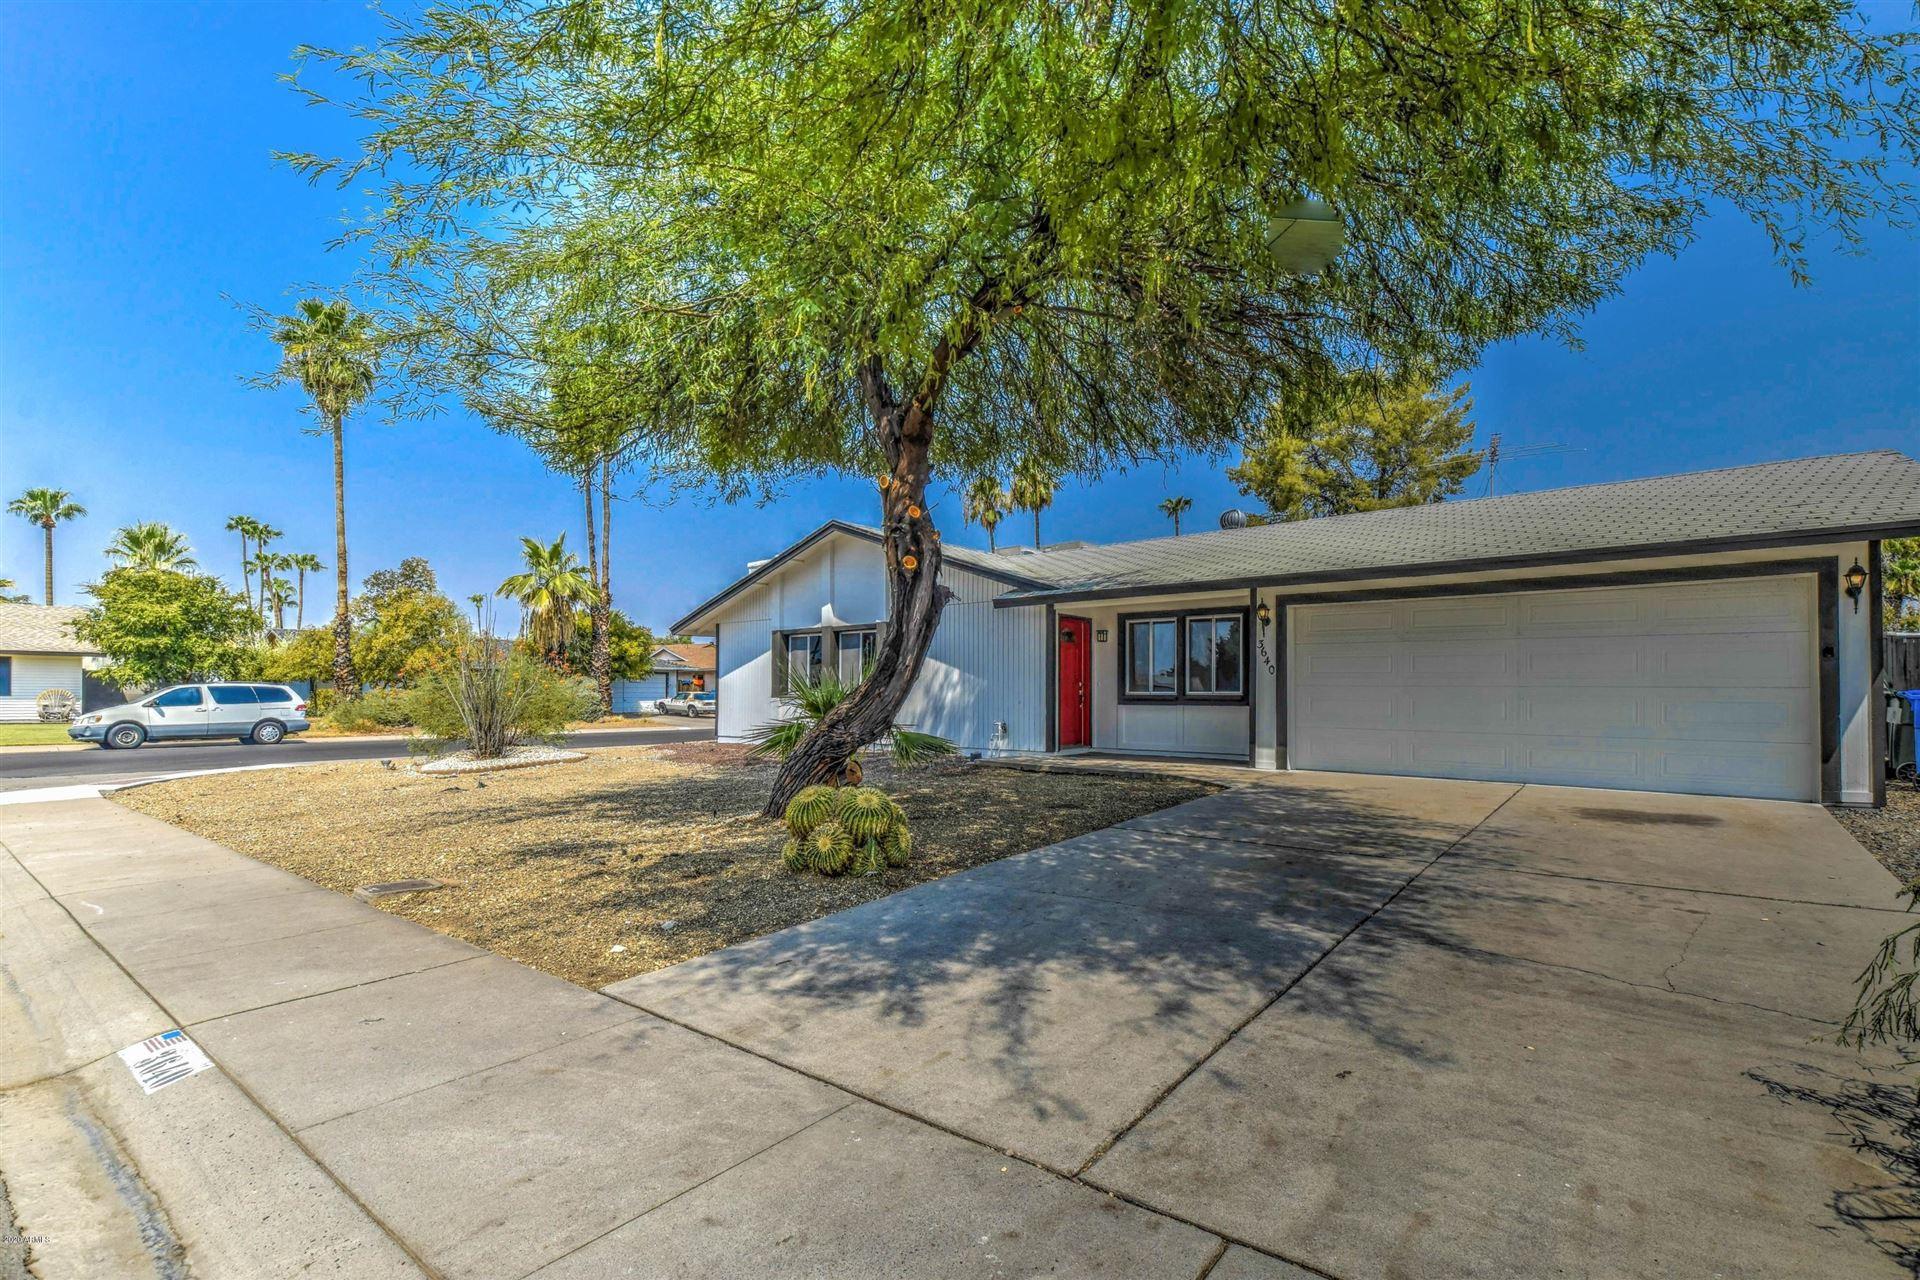 3640 W BANFF Lane, Phoenix, AZ 85053 - MLS#: 6123310